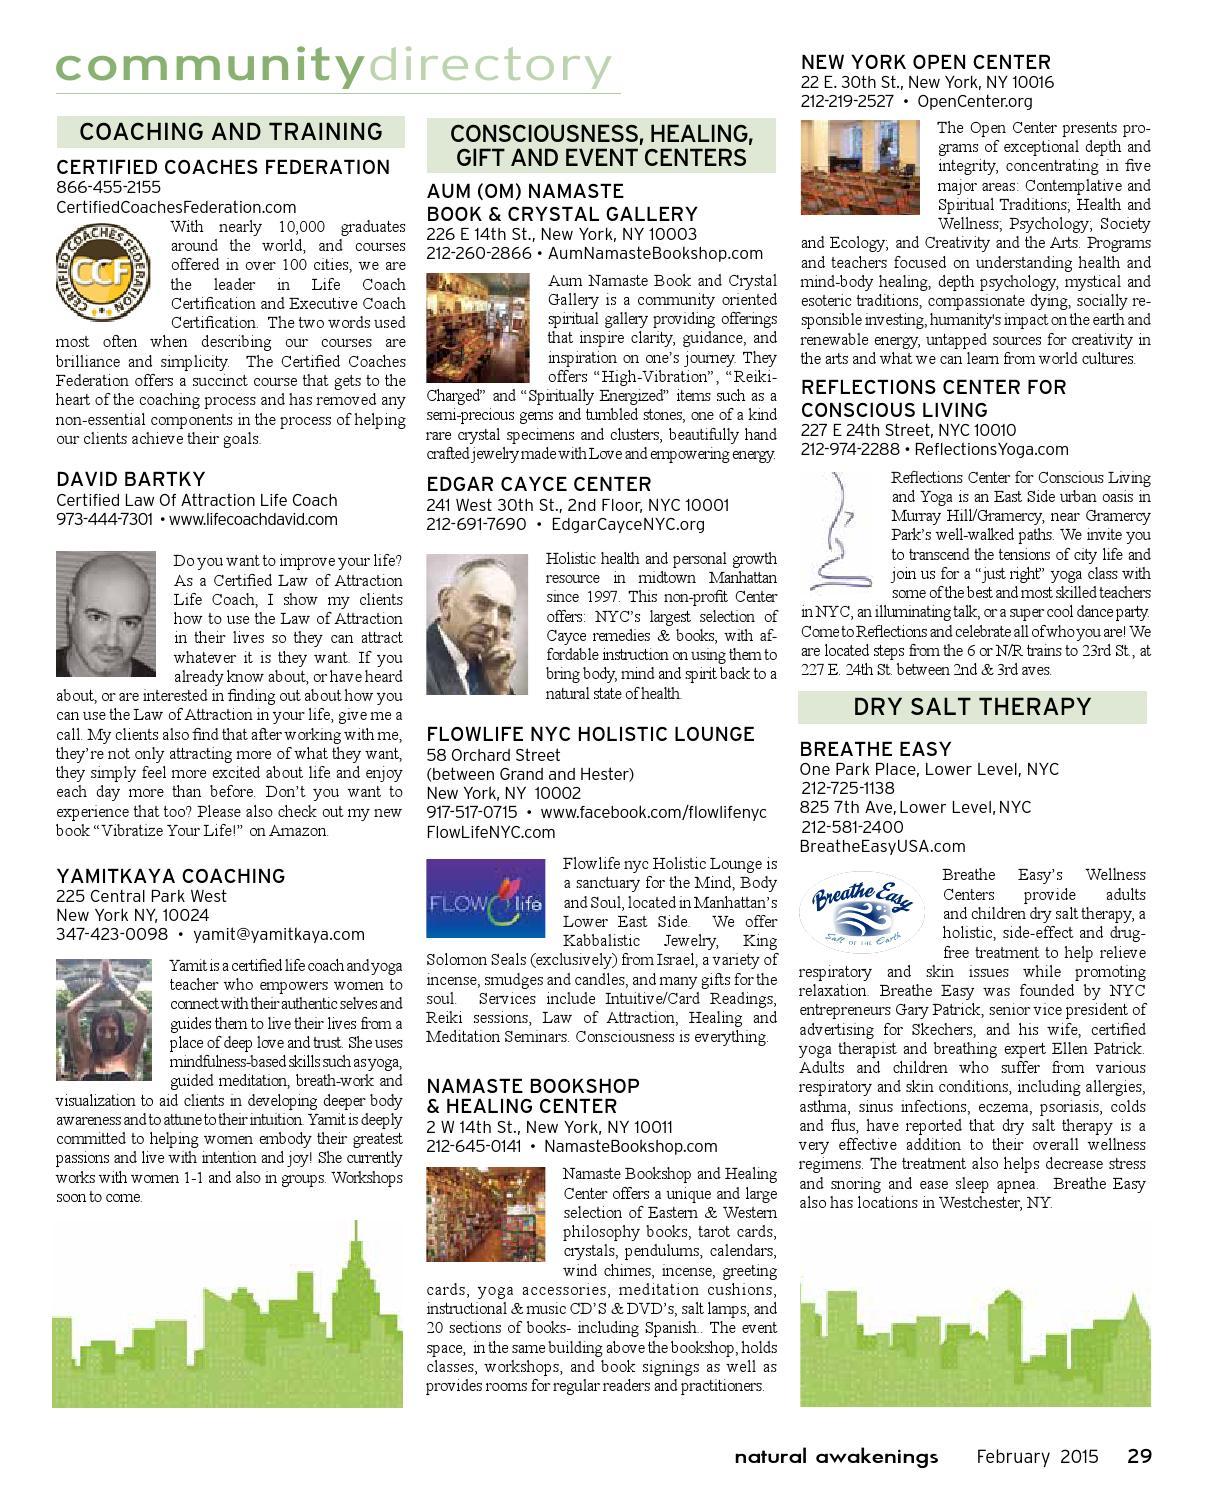 Natural Awakenings NYC March 2015 by Natural Awakenings NYC